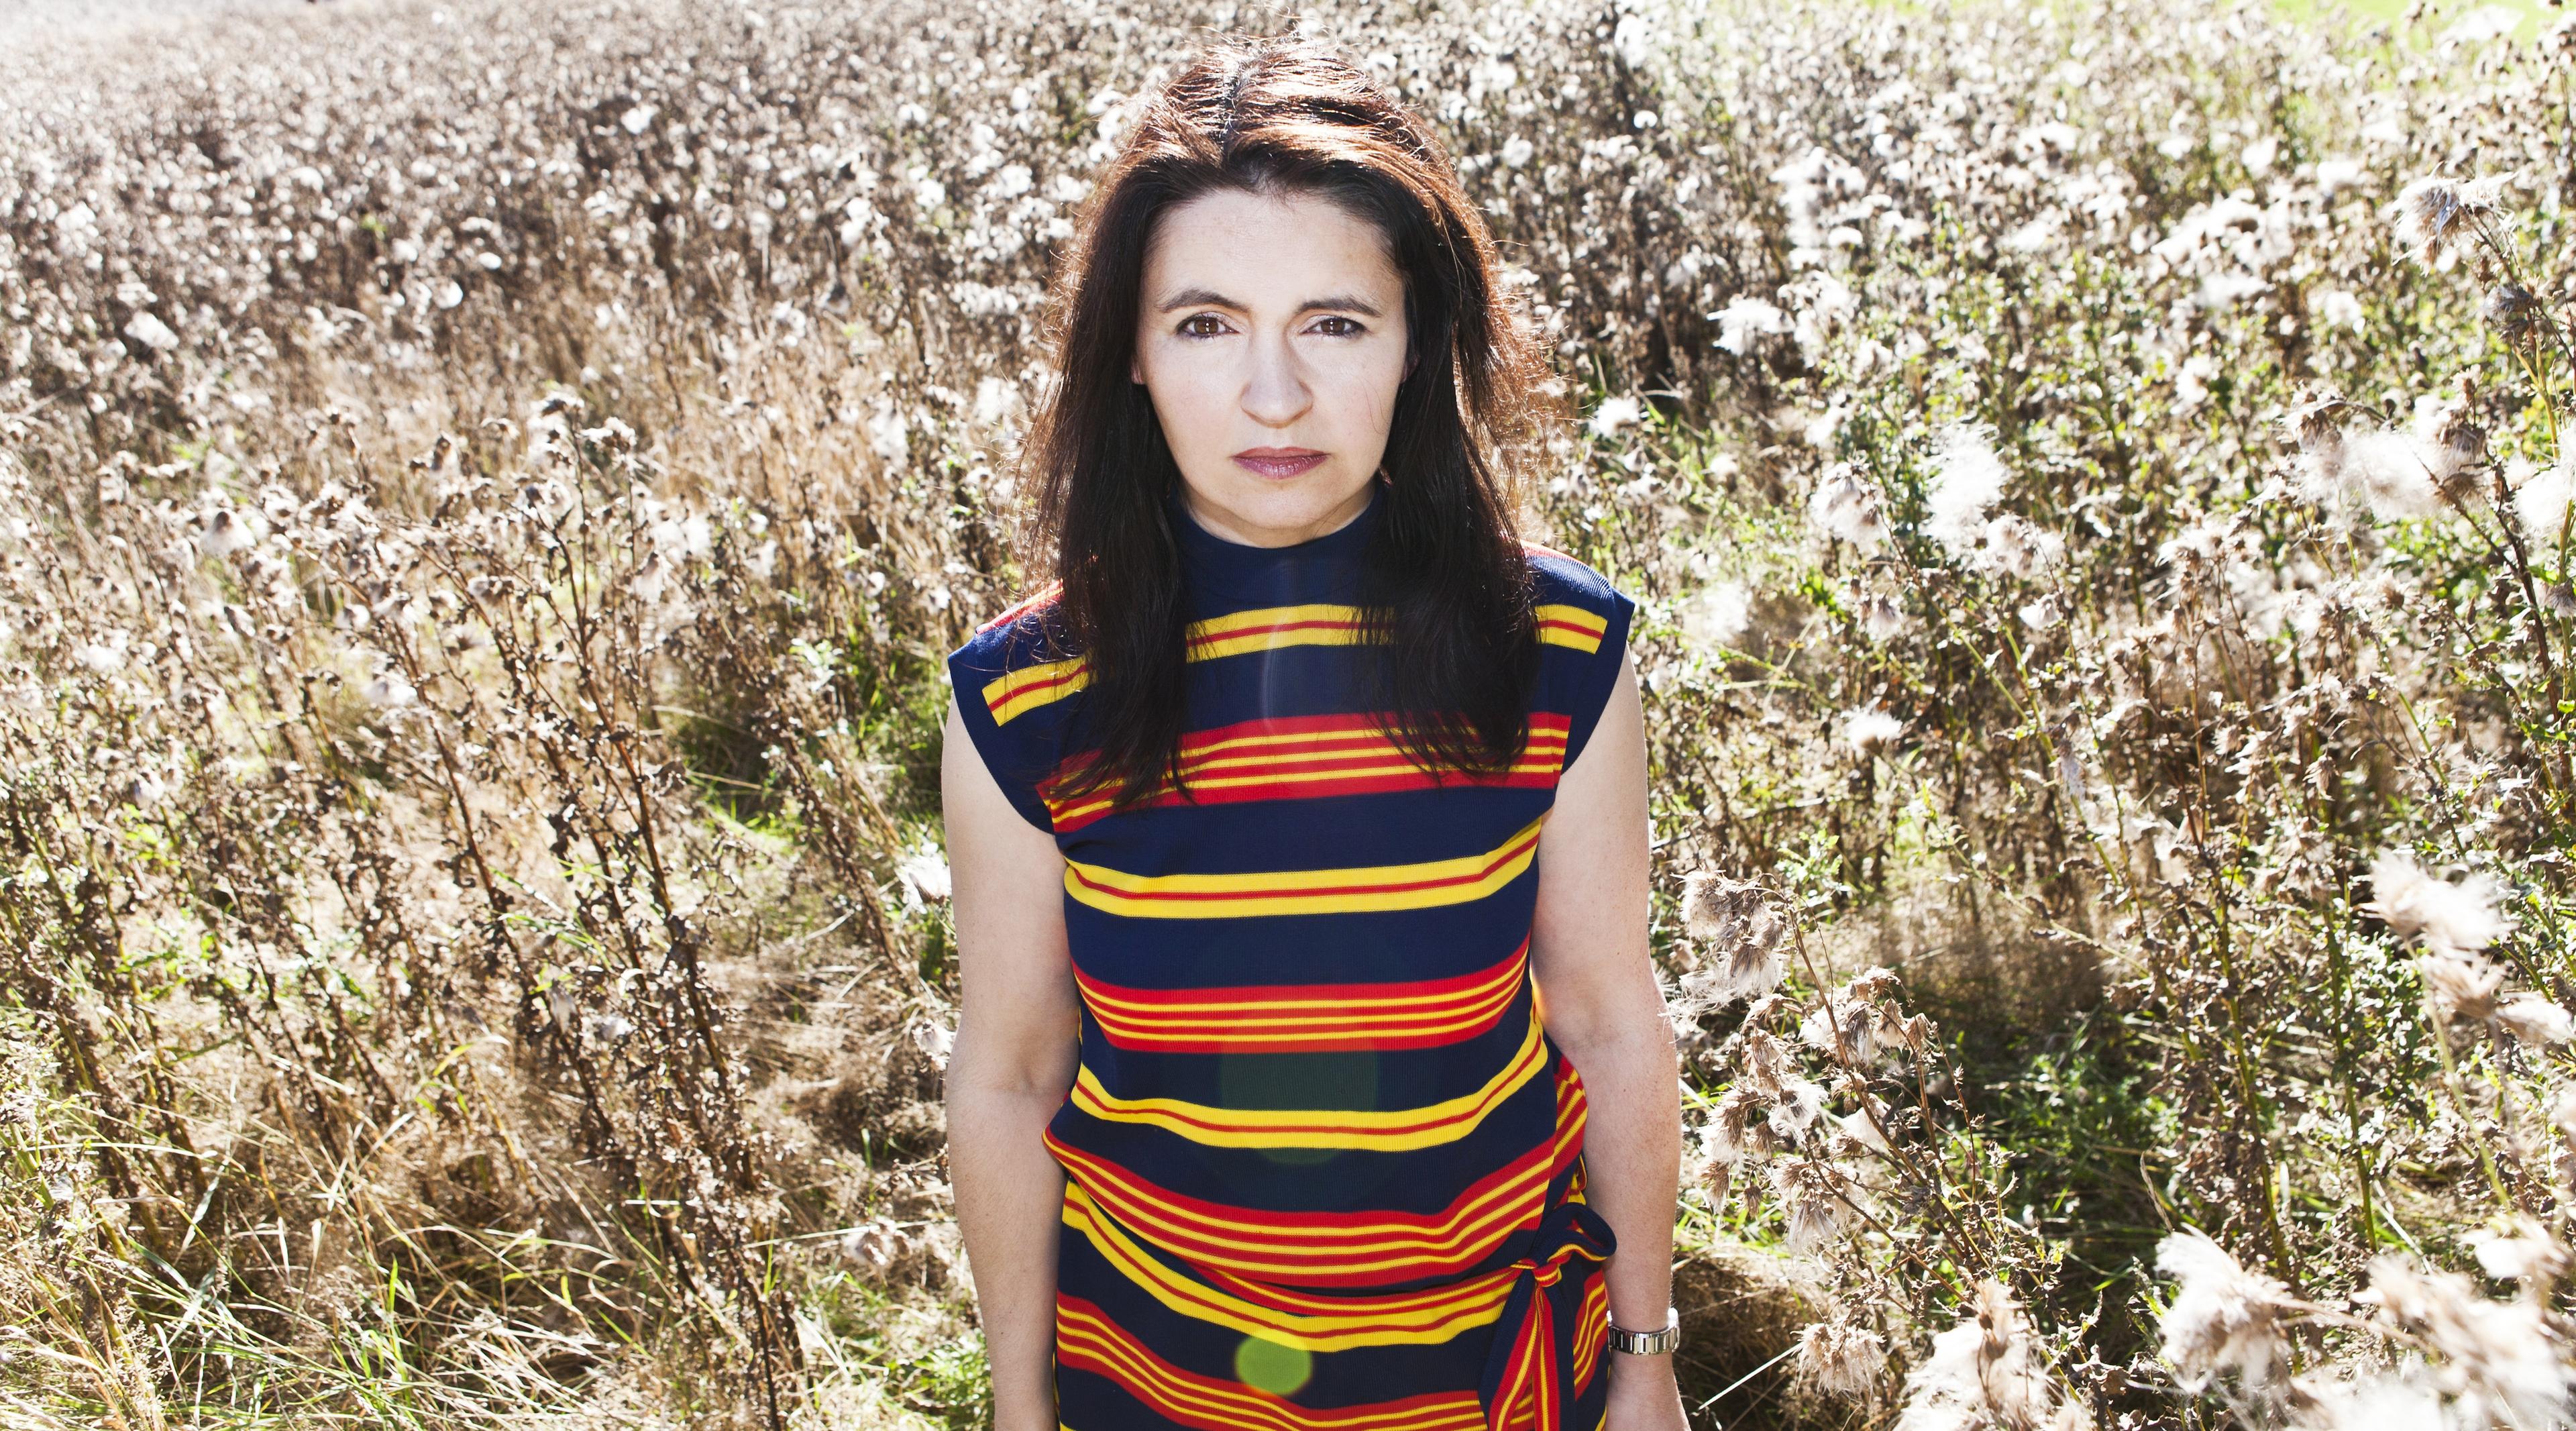 Singer Emma Pollock